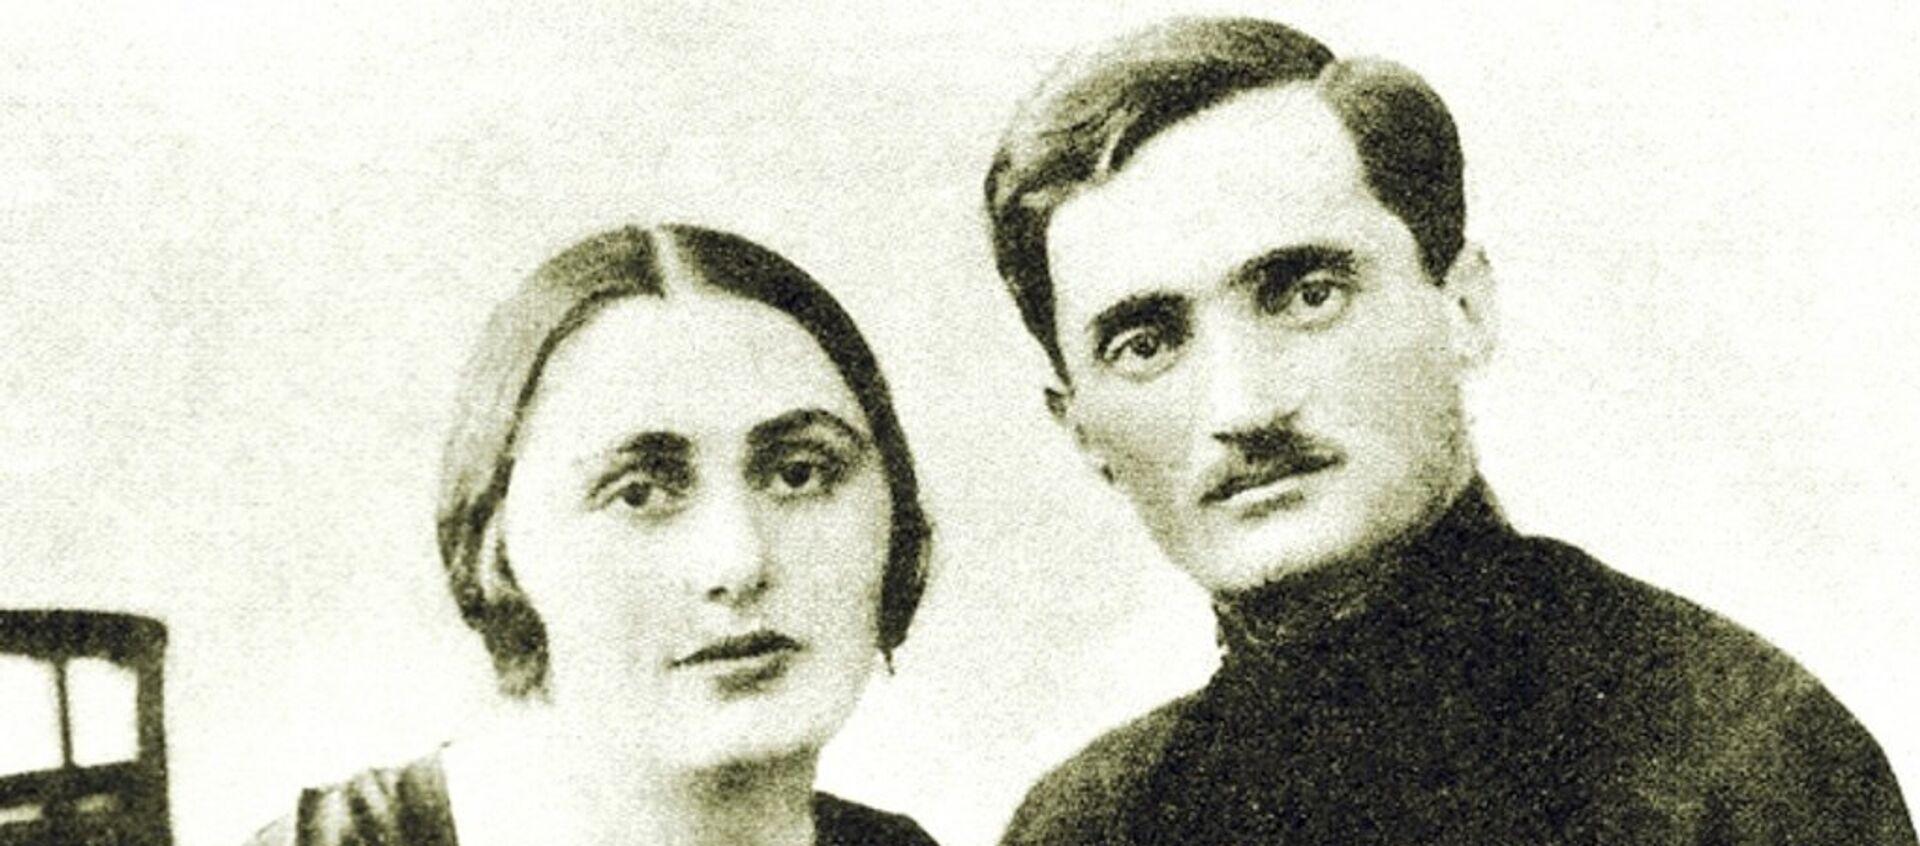 С любимой женой Сарией - Sputnik Абхазия, 1920, 01.05.2016